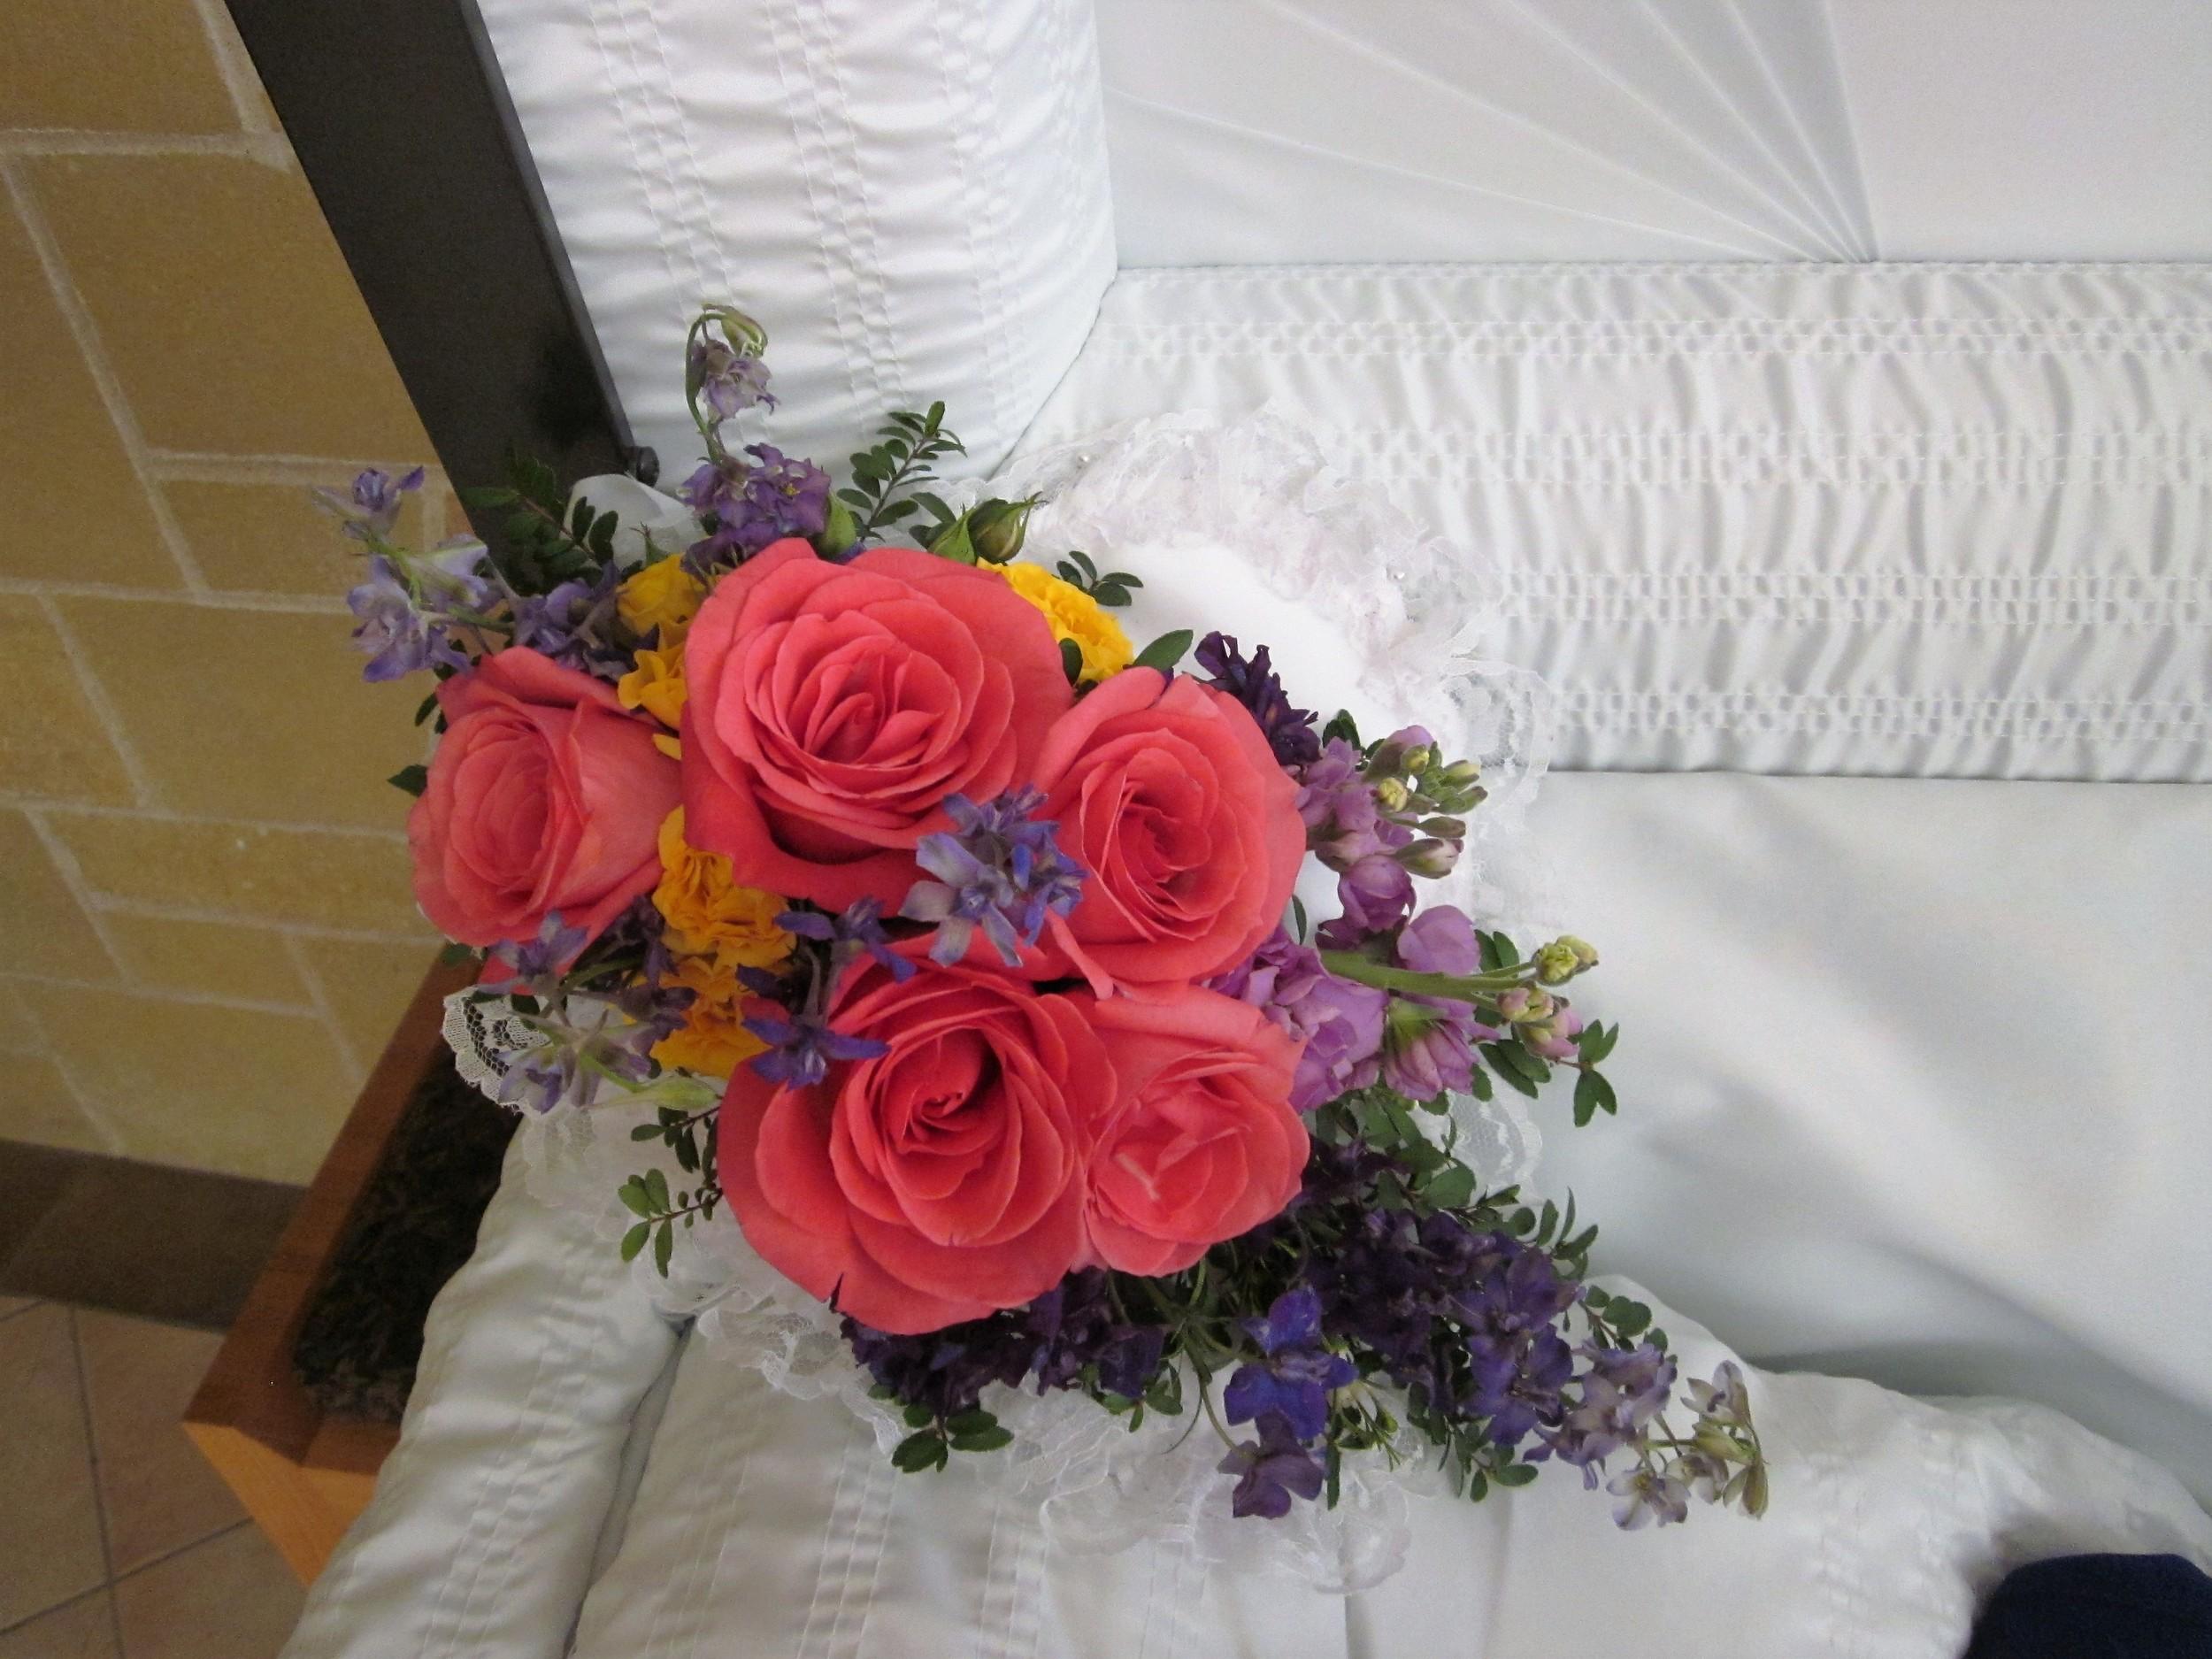 funeral- 061312 059.JPG